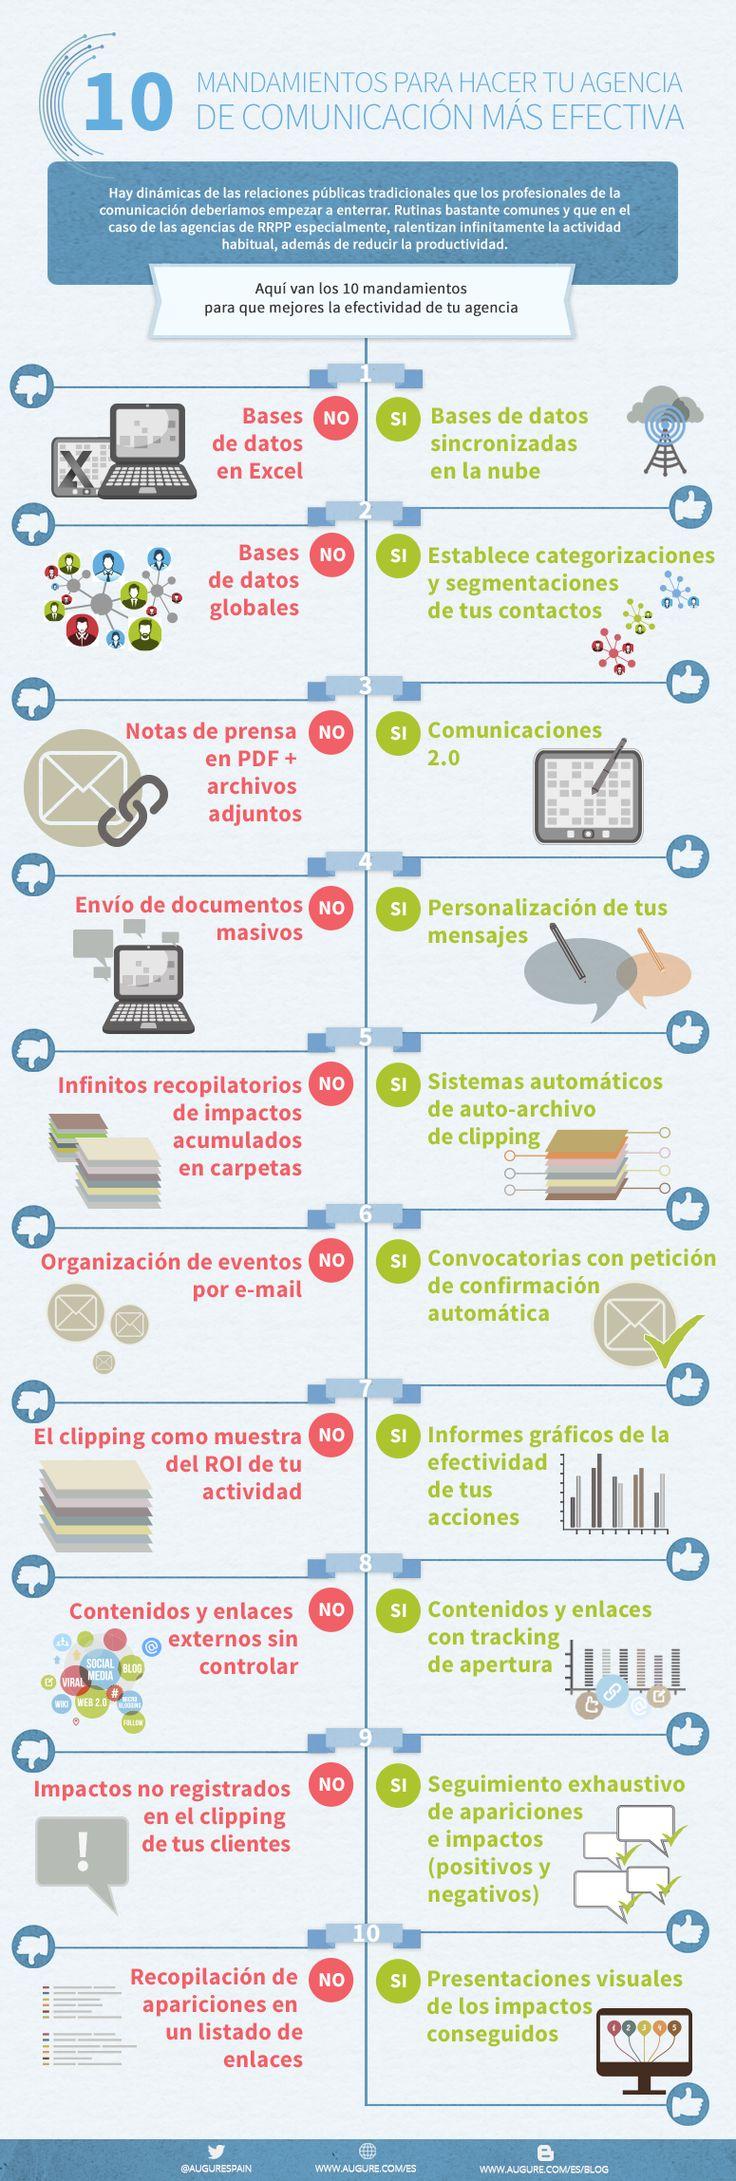 10 mandamientos para hacer tu agencia de comunicación más efectiva #infografia #infographic #marketing